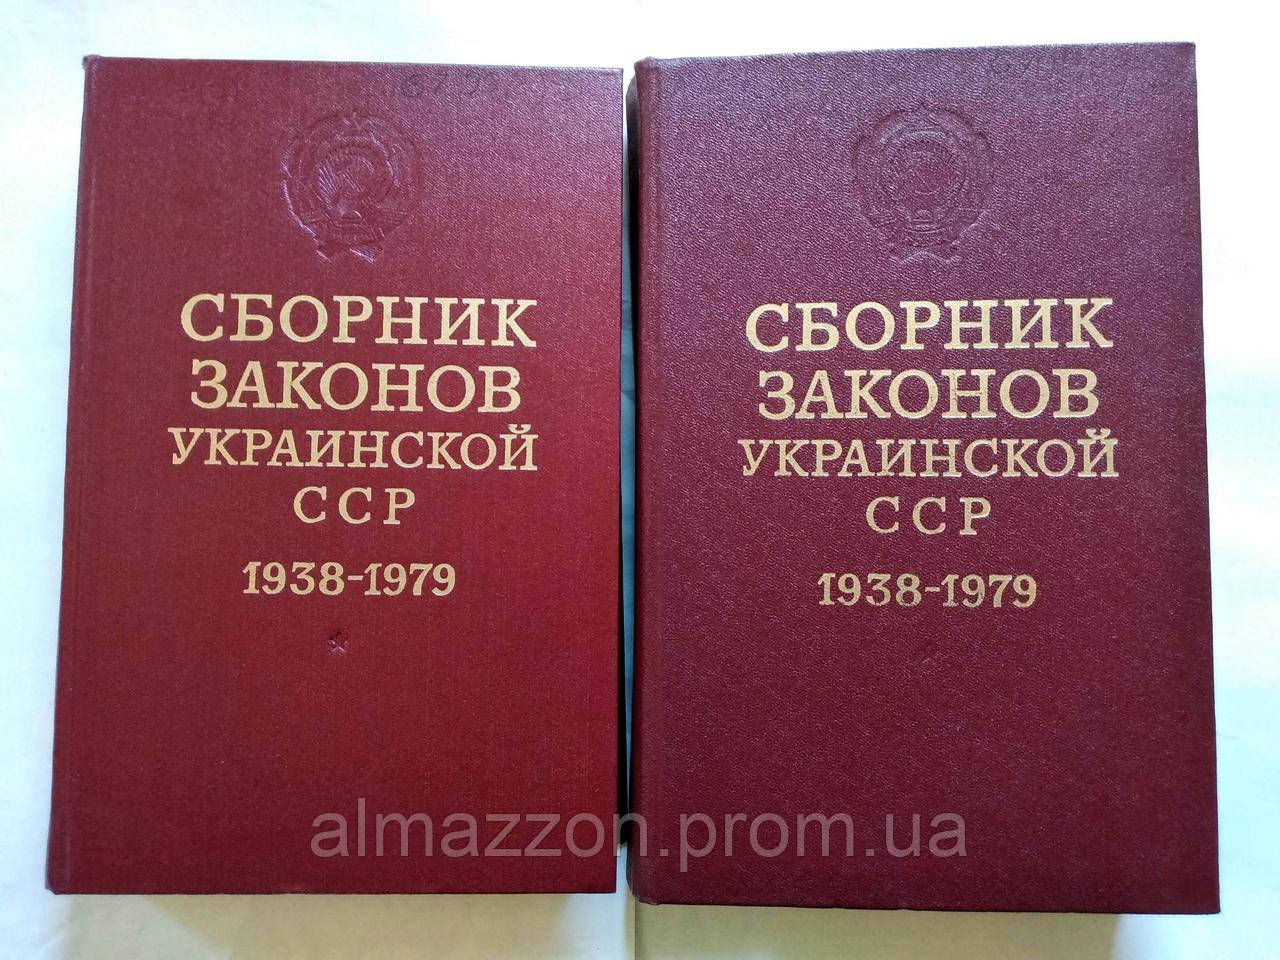 Сборник законов Украинской ССР в двух томах. 1938-1979 год